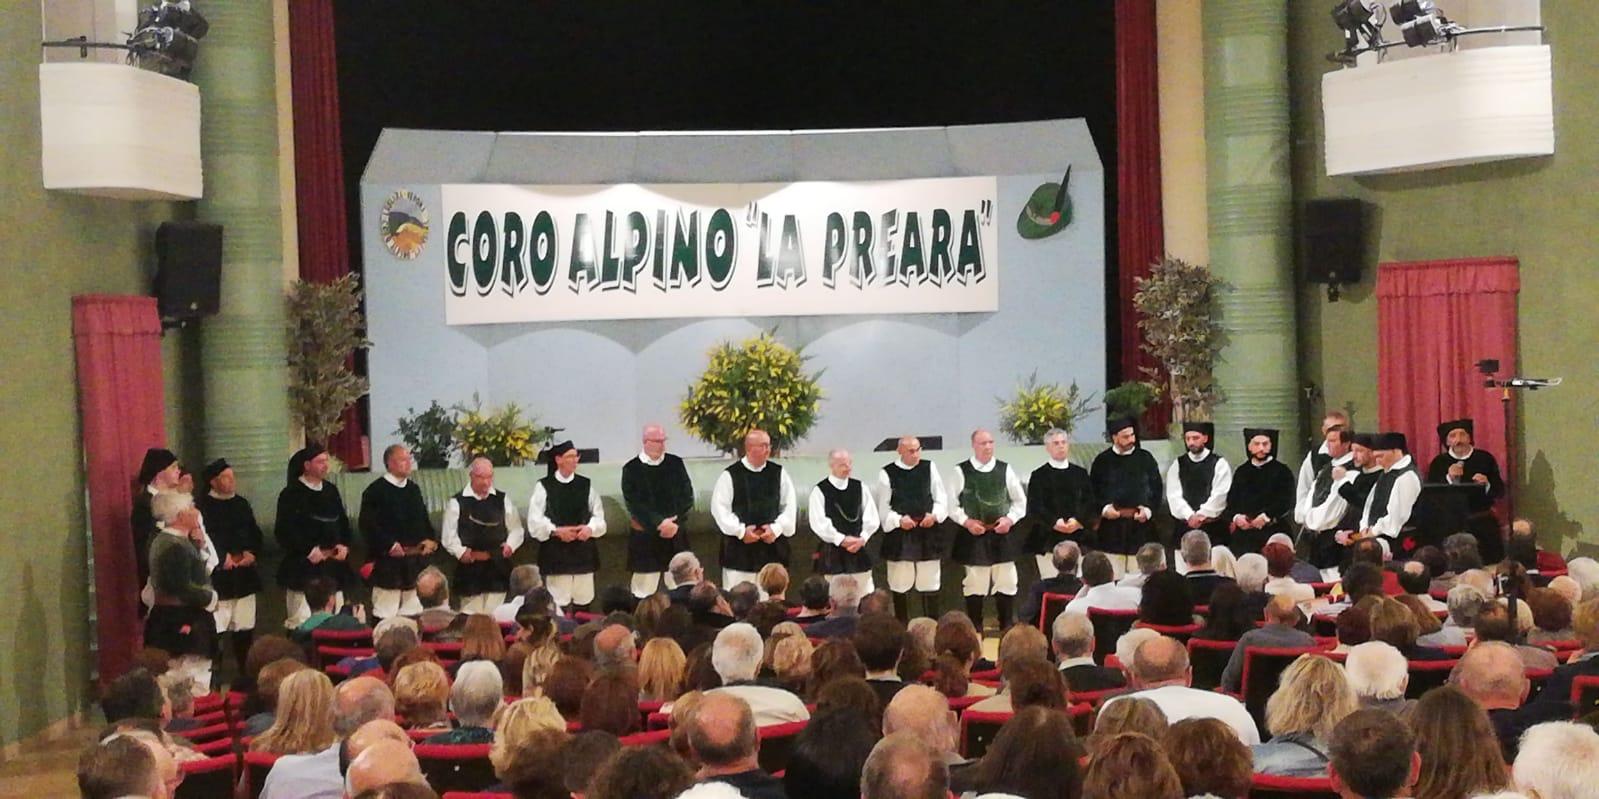 Il Coro Città di Ozieri nel teatro di Caprino